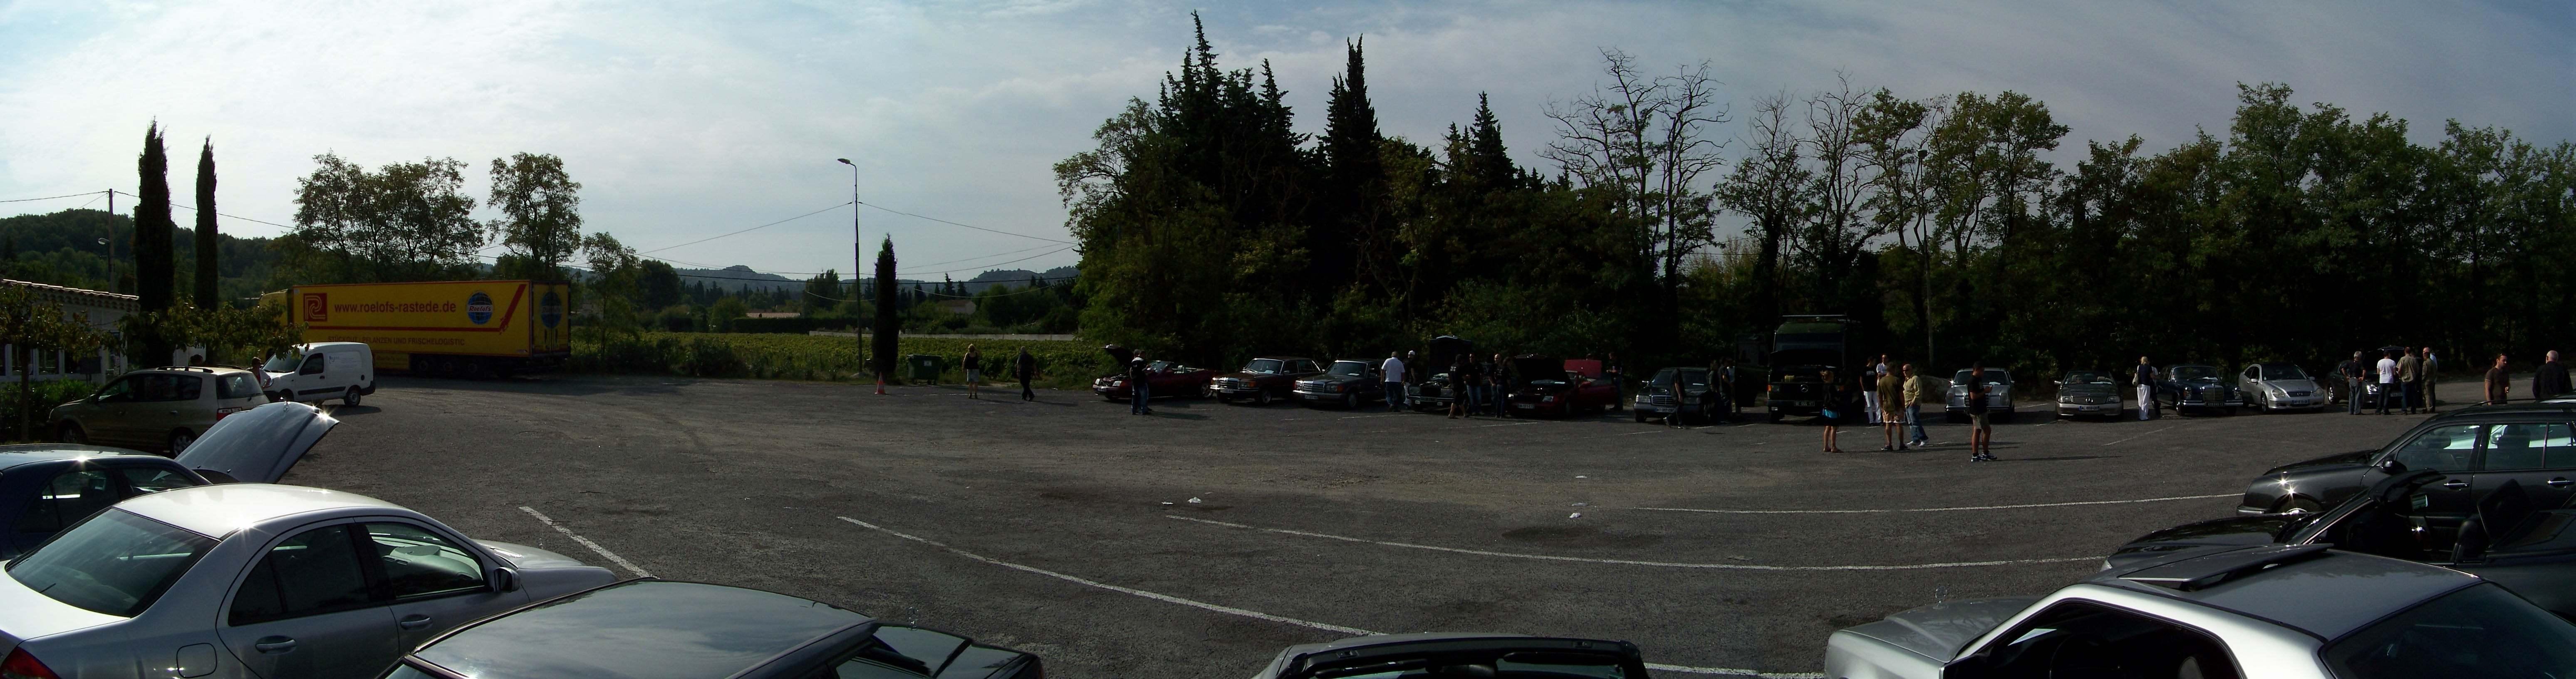 GRAND RASSEMBLEMENT DANS LE SUD DE LA FRANCE : SAMEDI 24 SEPTEMBRE 2011 100_4082